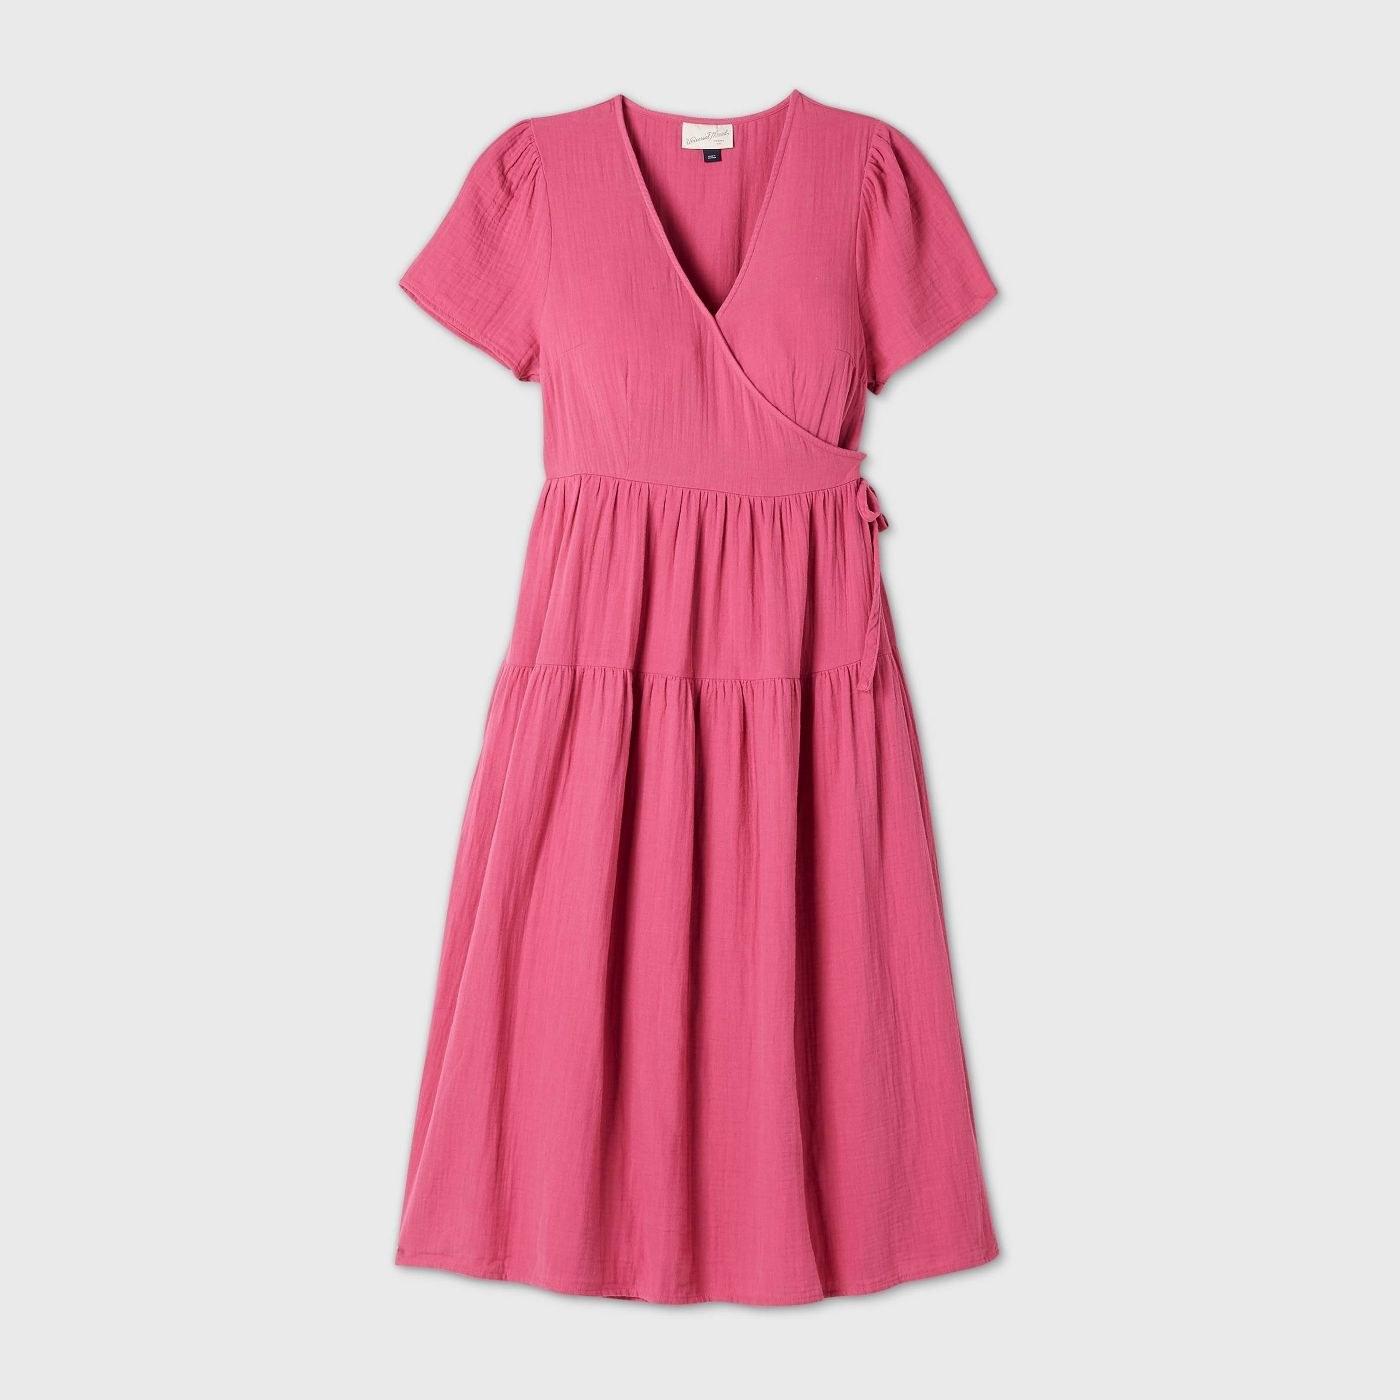 A pink wraparound dress